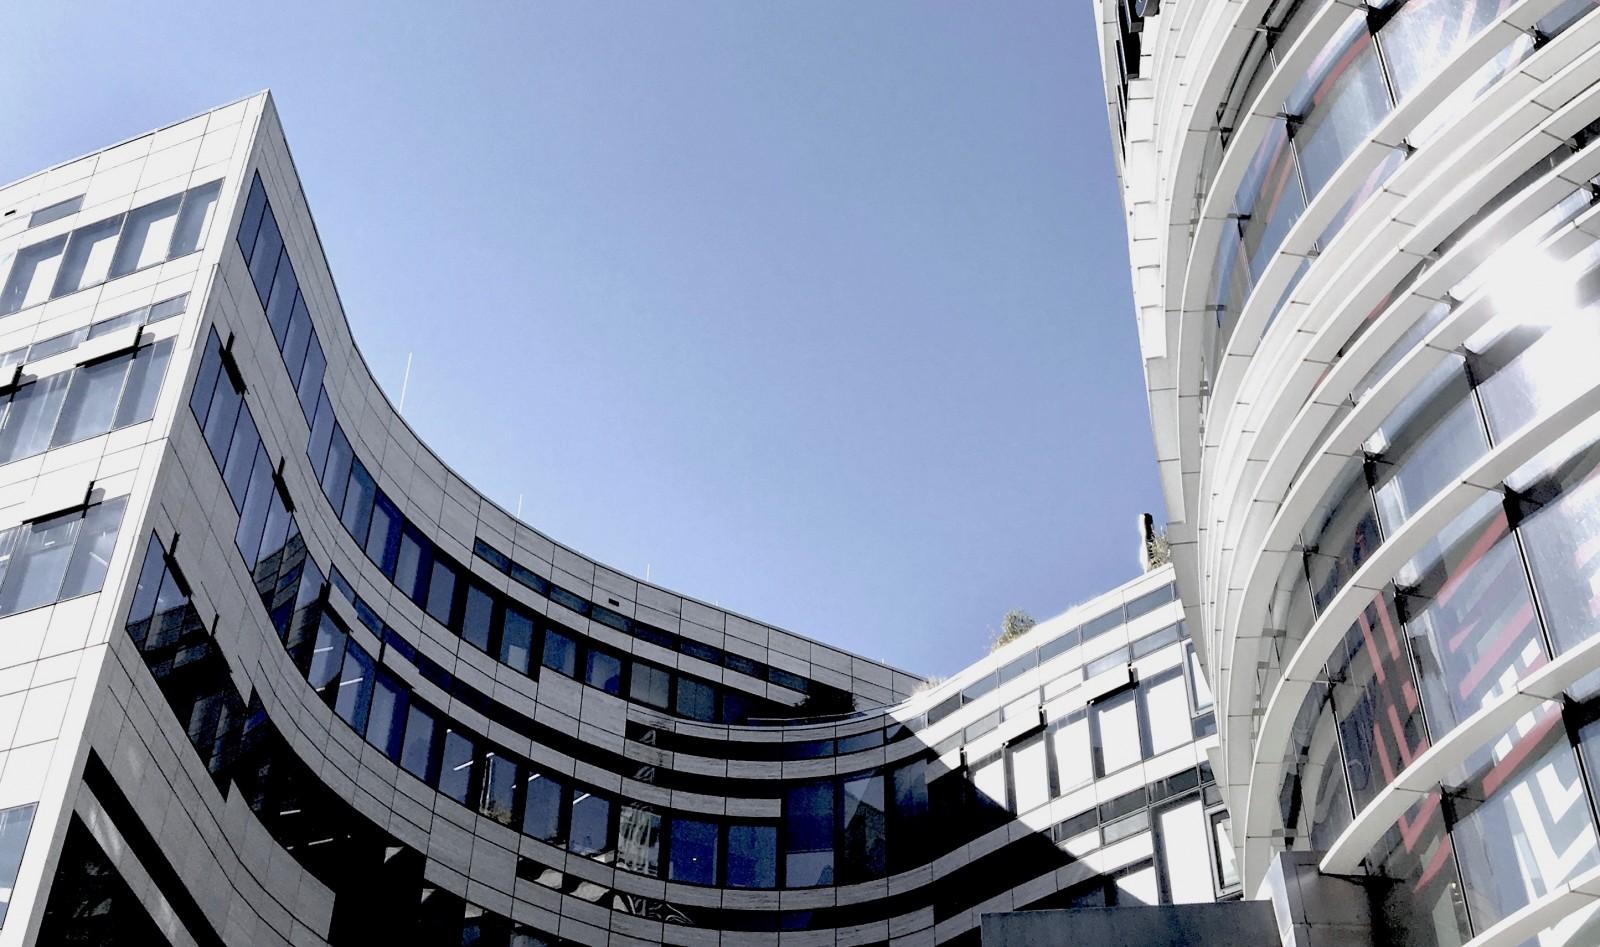 Der Kö-Bogen in der Düsseldorfer Innenstadt (Foto: Ute Latzke)